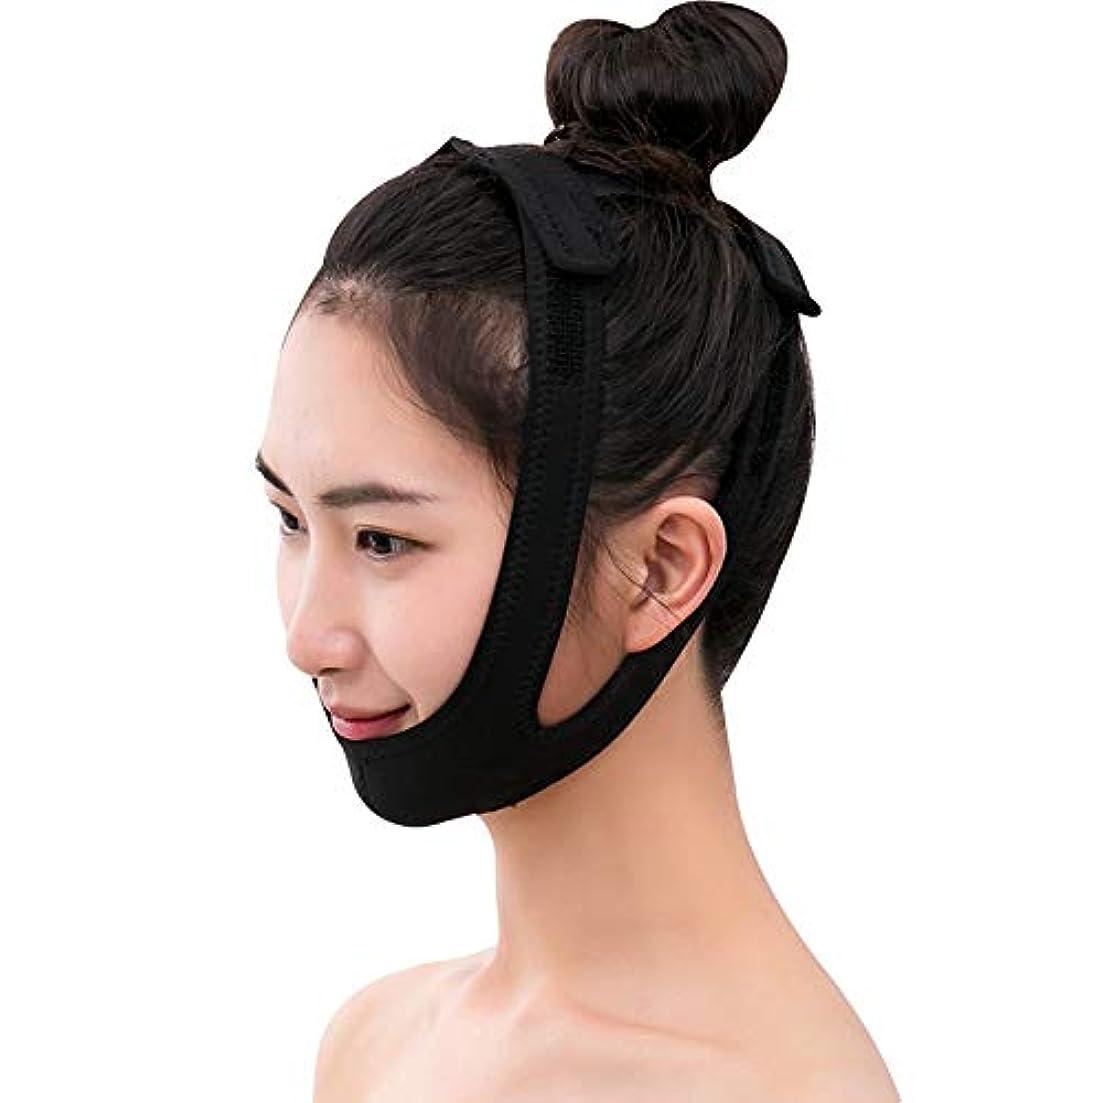 作るサンプル刈るJia Jia- フェイシャルリフティング痩身ベルト圧縮二重あご減量ベルトスキンケア薄い顔包帯二重あごワークアウト 顔面包帯